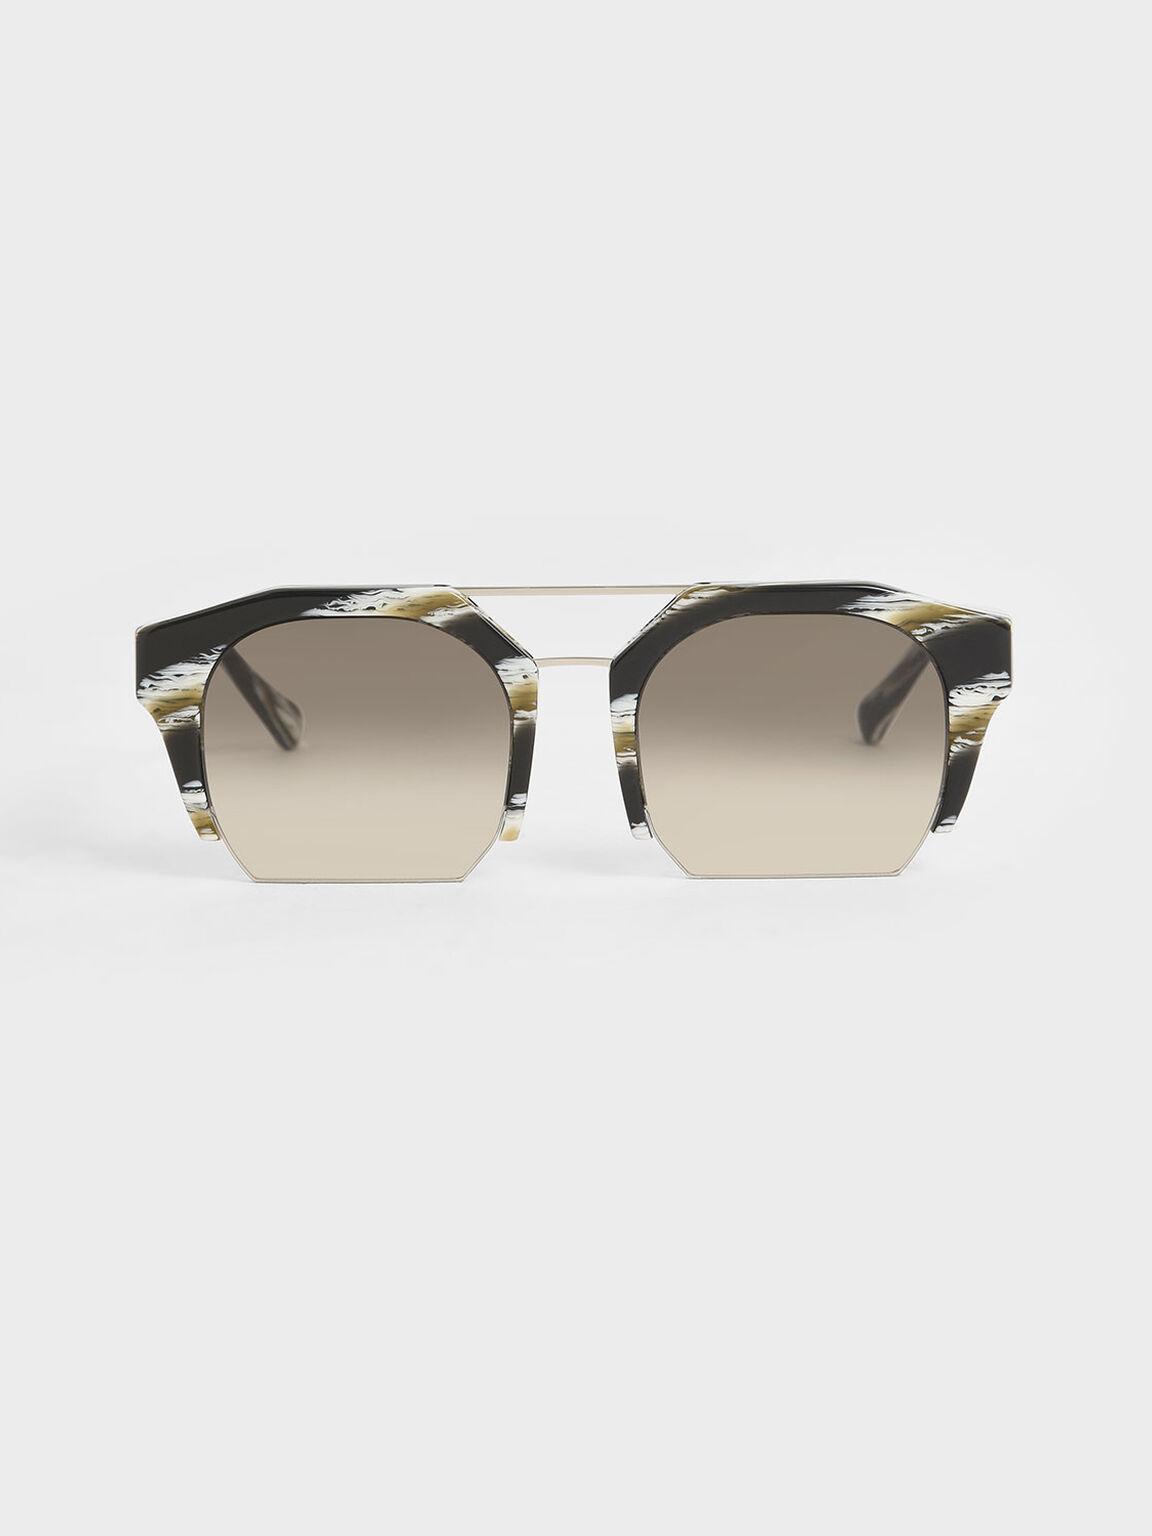 Striped Cut-Off Frame Geometric Sunglasses, Multi, hi-res